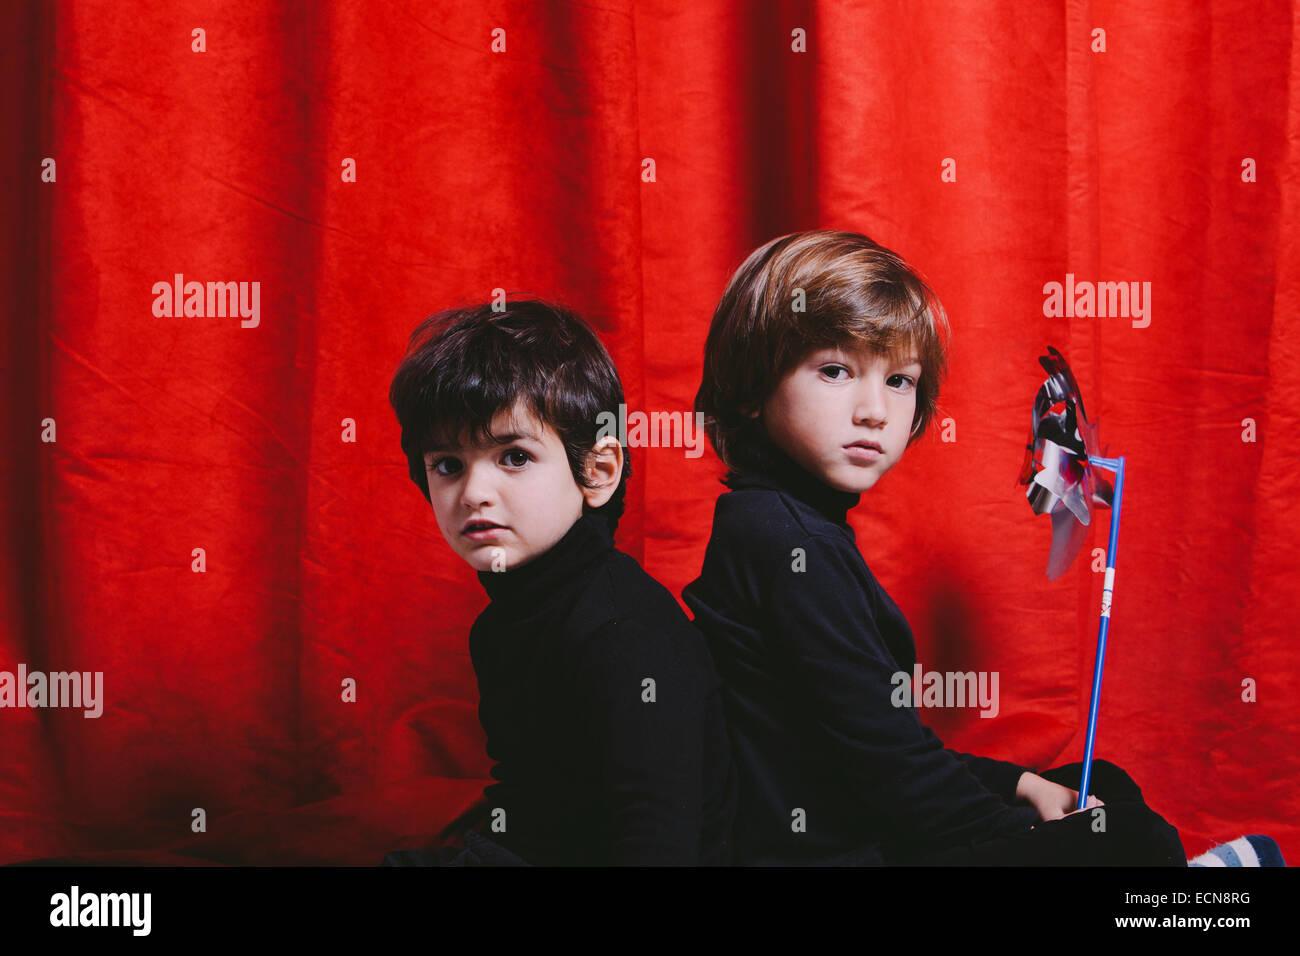 Studio-Porträt von zwei jungen tragen schwarze Kleidung Stockbild